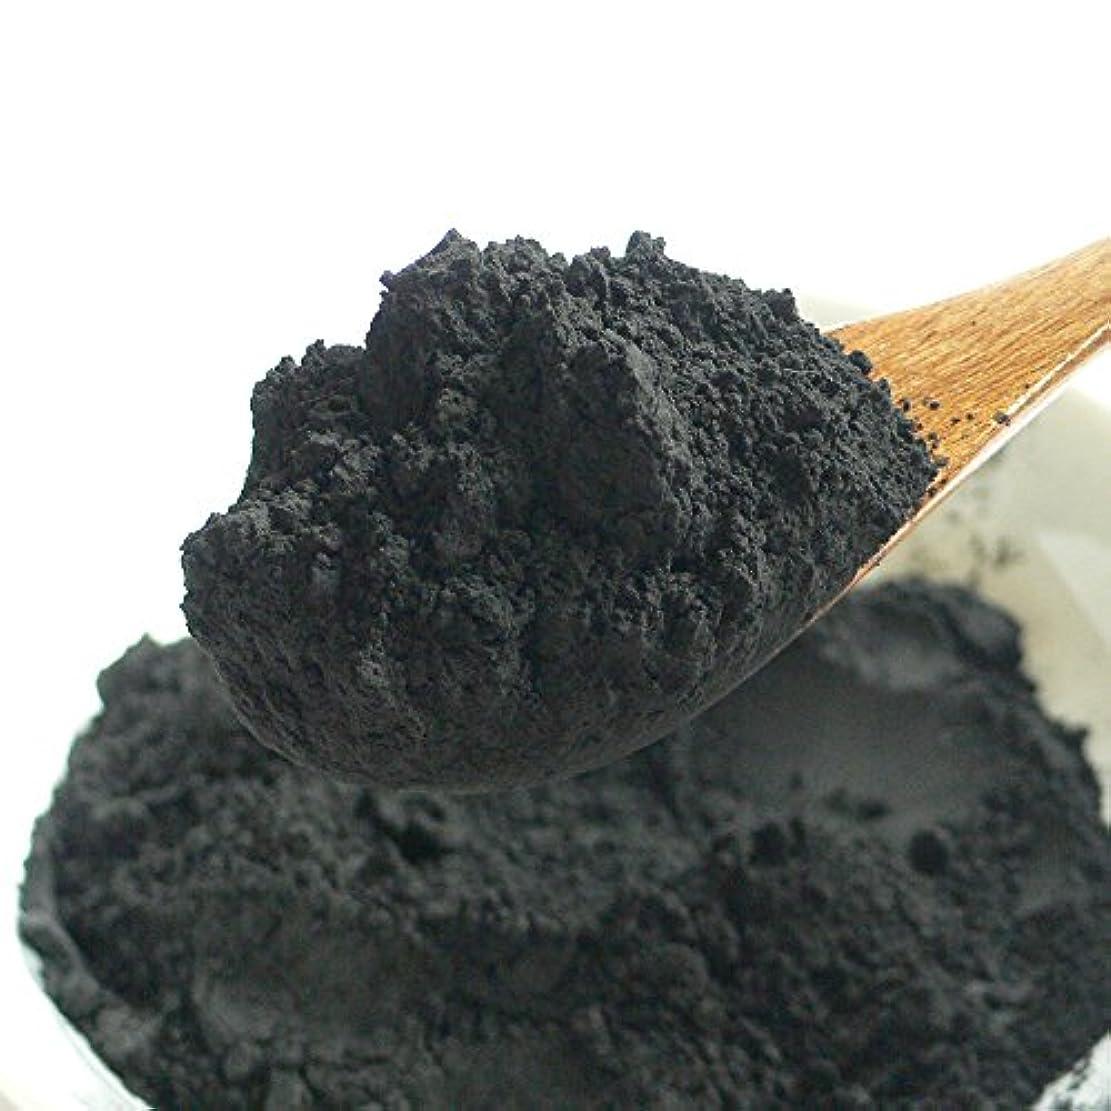 トンネル退屈シニス炭パウダー チャコール 食用 クレンズ (500g) 10ミクロン 神鍋BLACK 業務用 お徳用